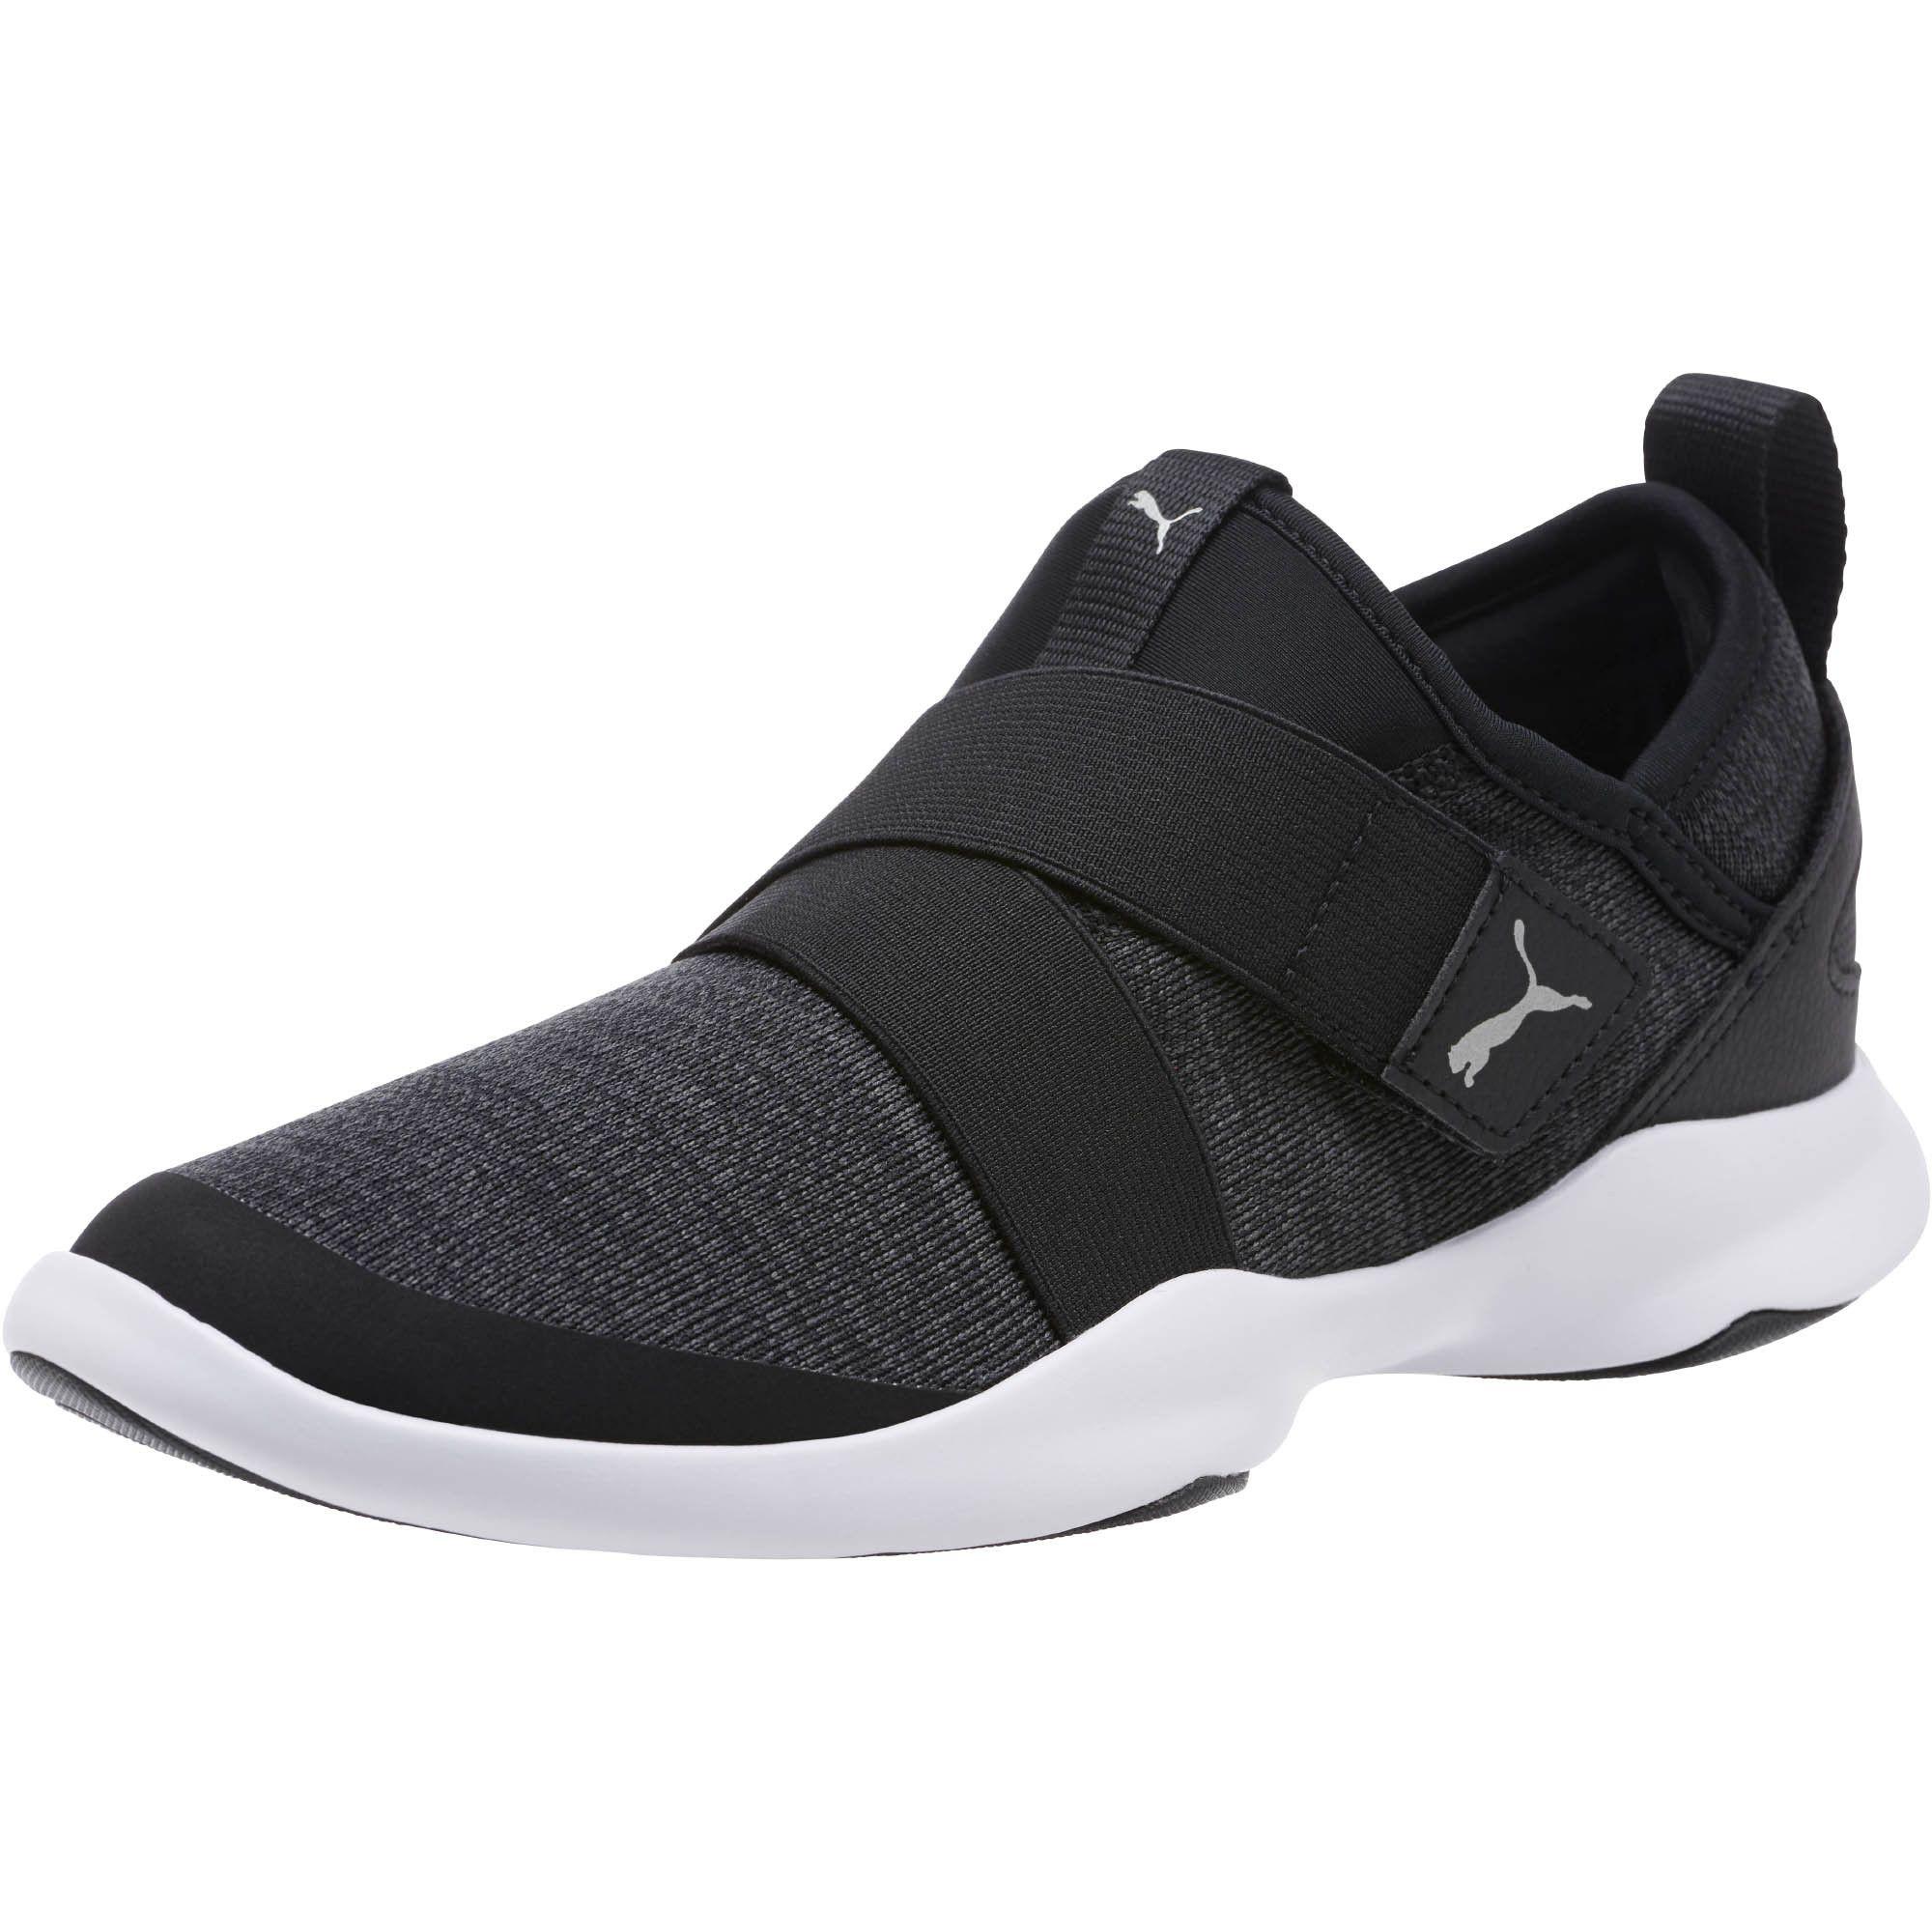 30f8e7ef63f3 Puma Dare AC Sneakers in 2019